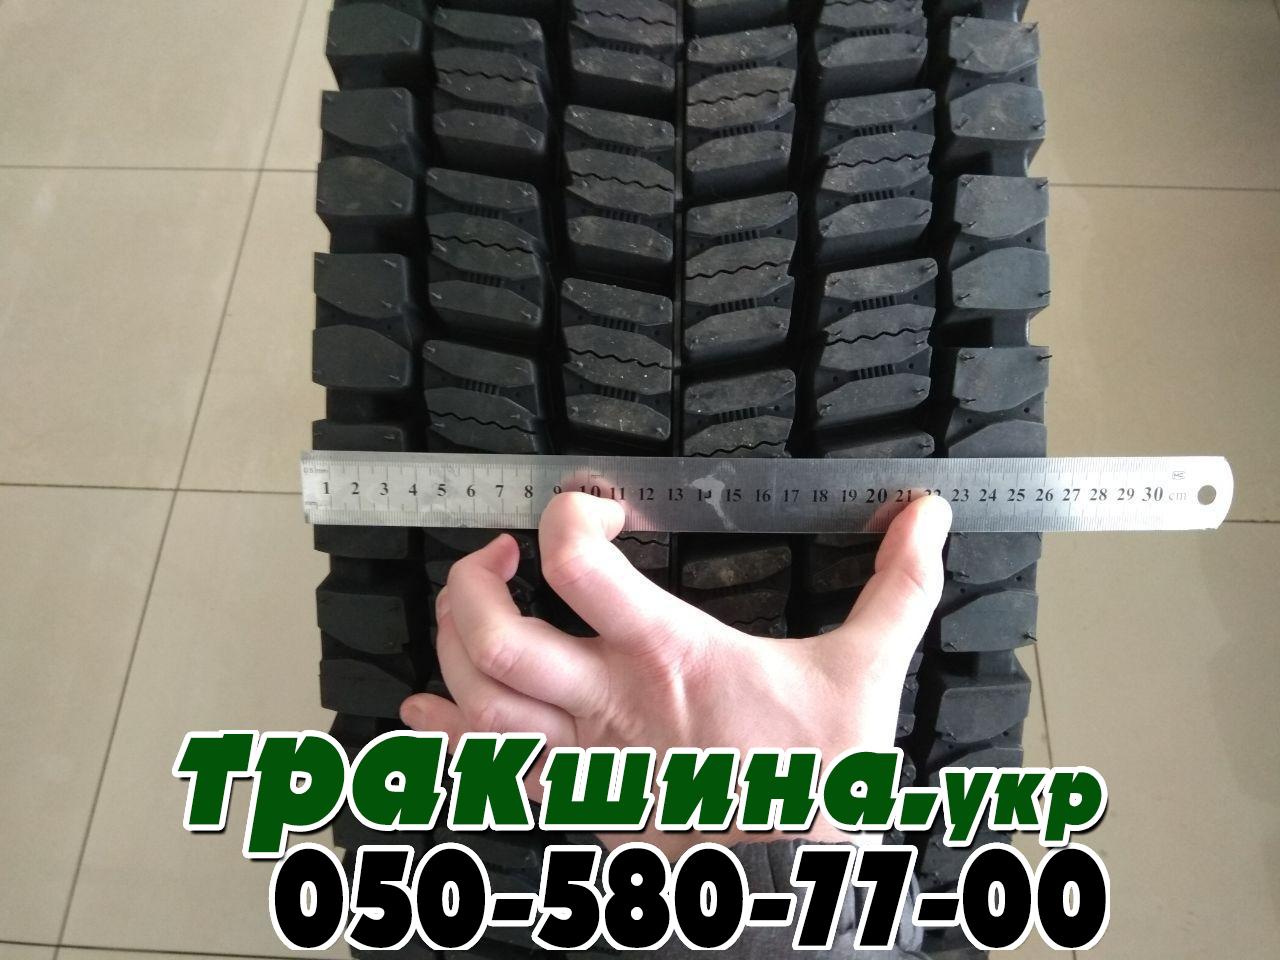 Ширина протектора грузовой китайской шины Windpower WDR37 315/80r22.5